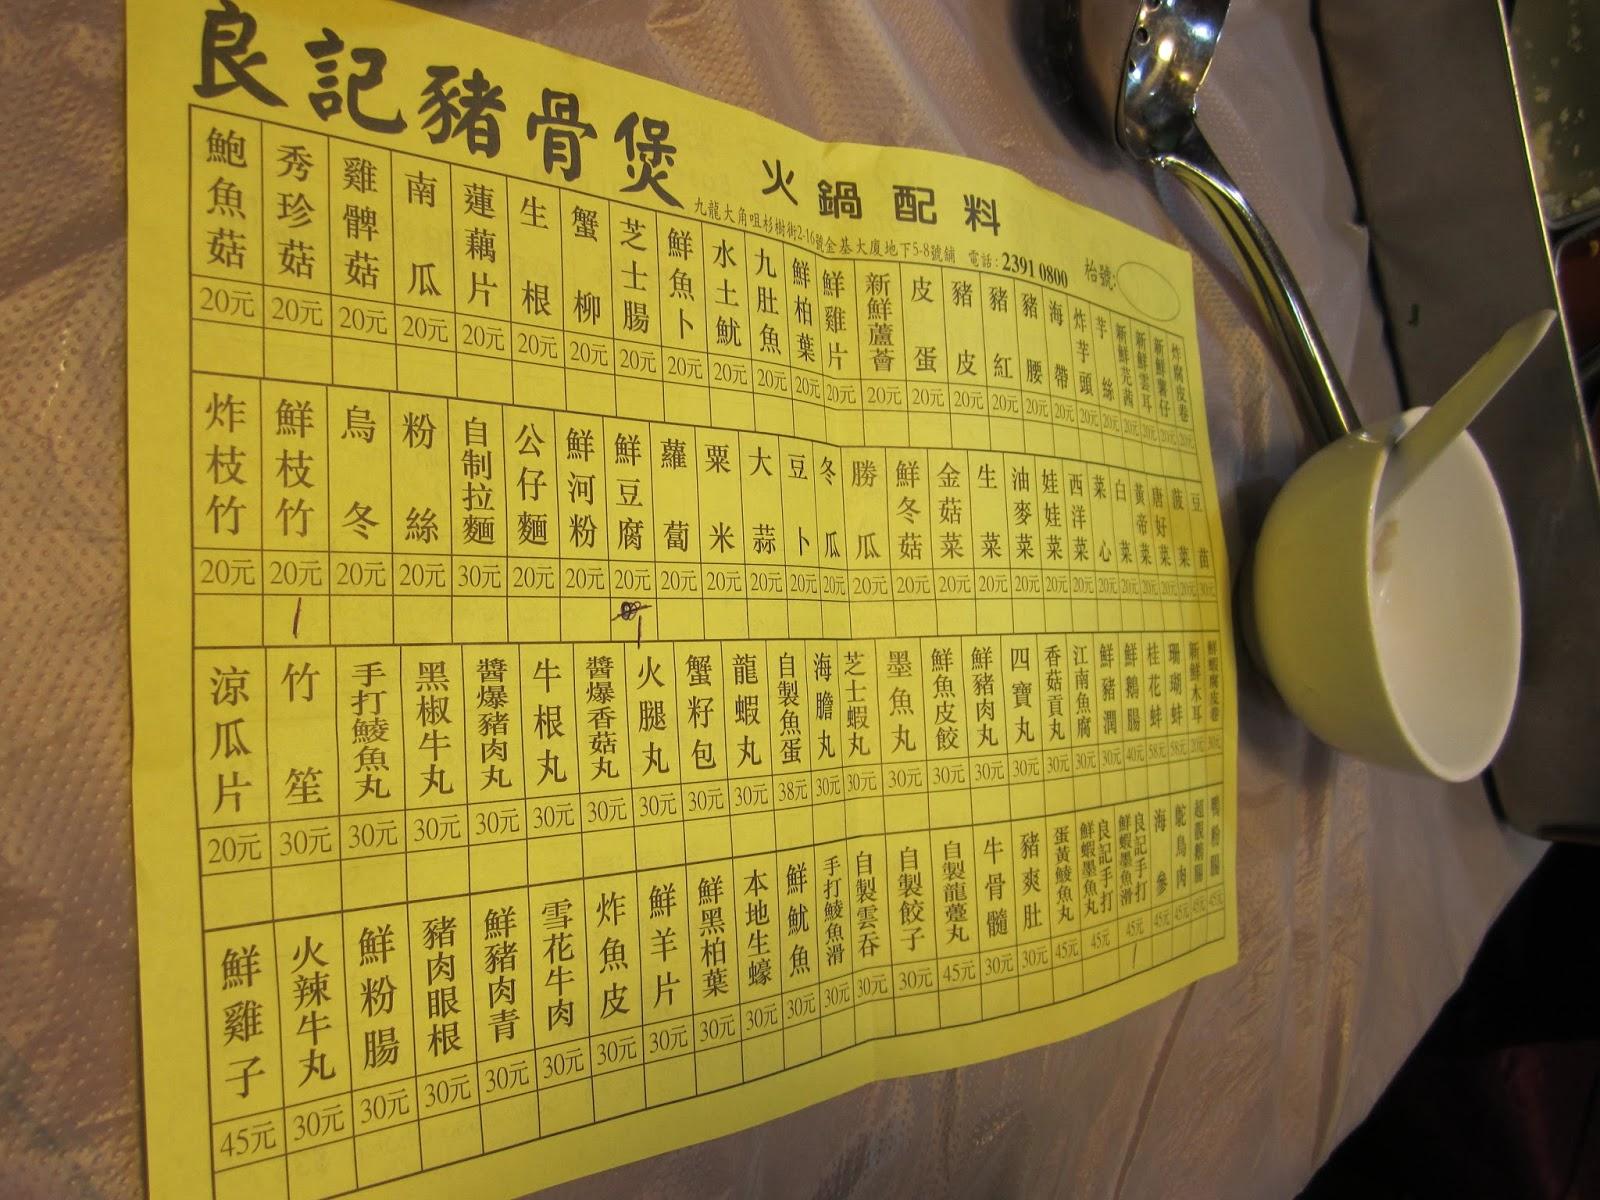 【已歇業】♥香港奧運站♥極致香港Day2~凌晨我們衝去奧運站吃良記豬骨煲火鍋(大推薦)♥Jennifer養雞雞旅行任務